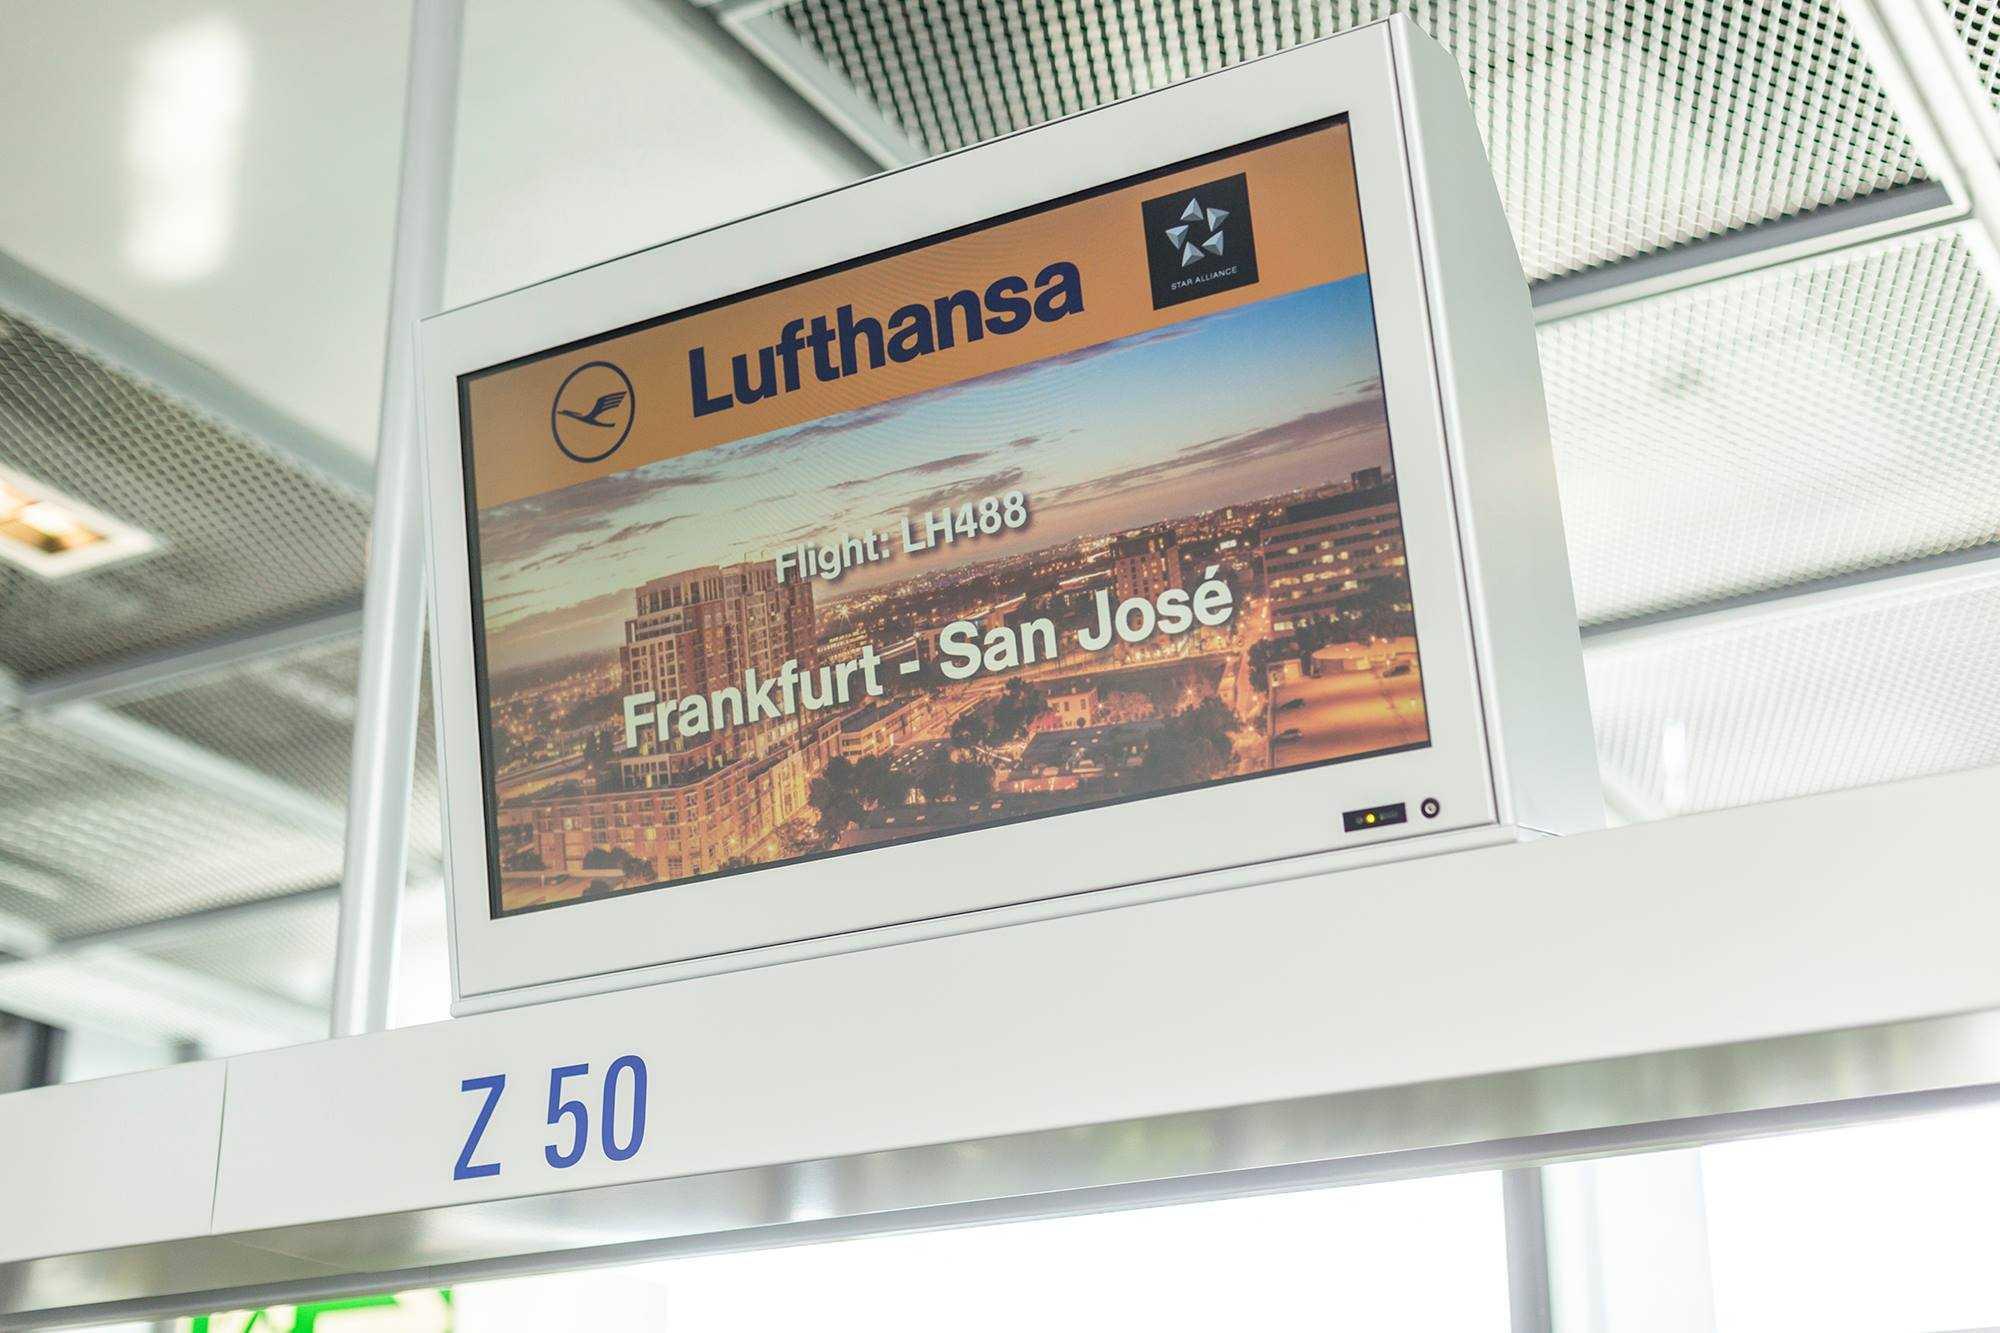 Frankfurt San Jose